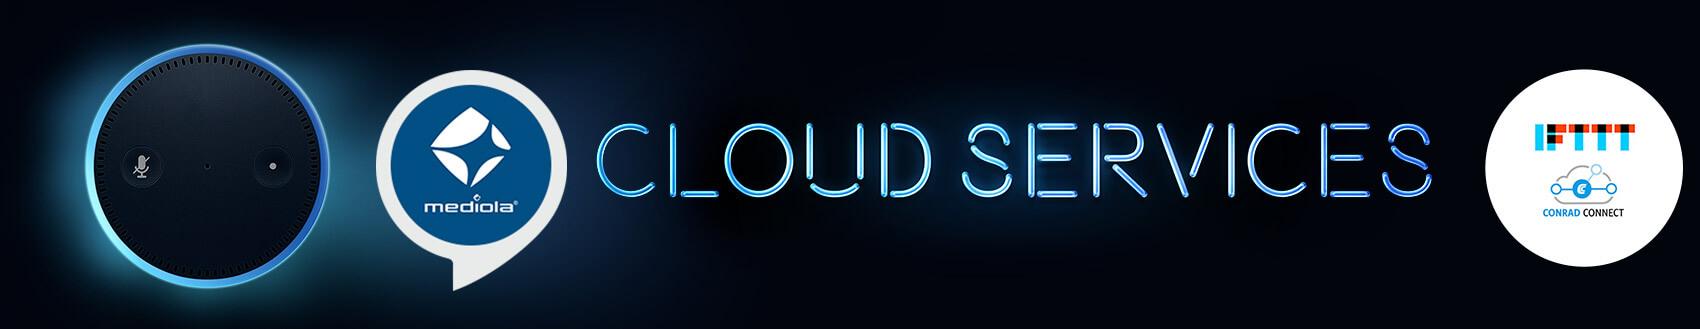 cloud services banner